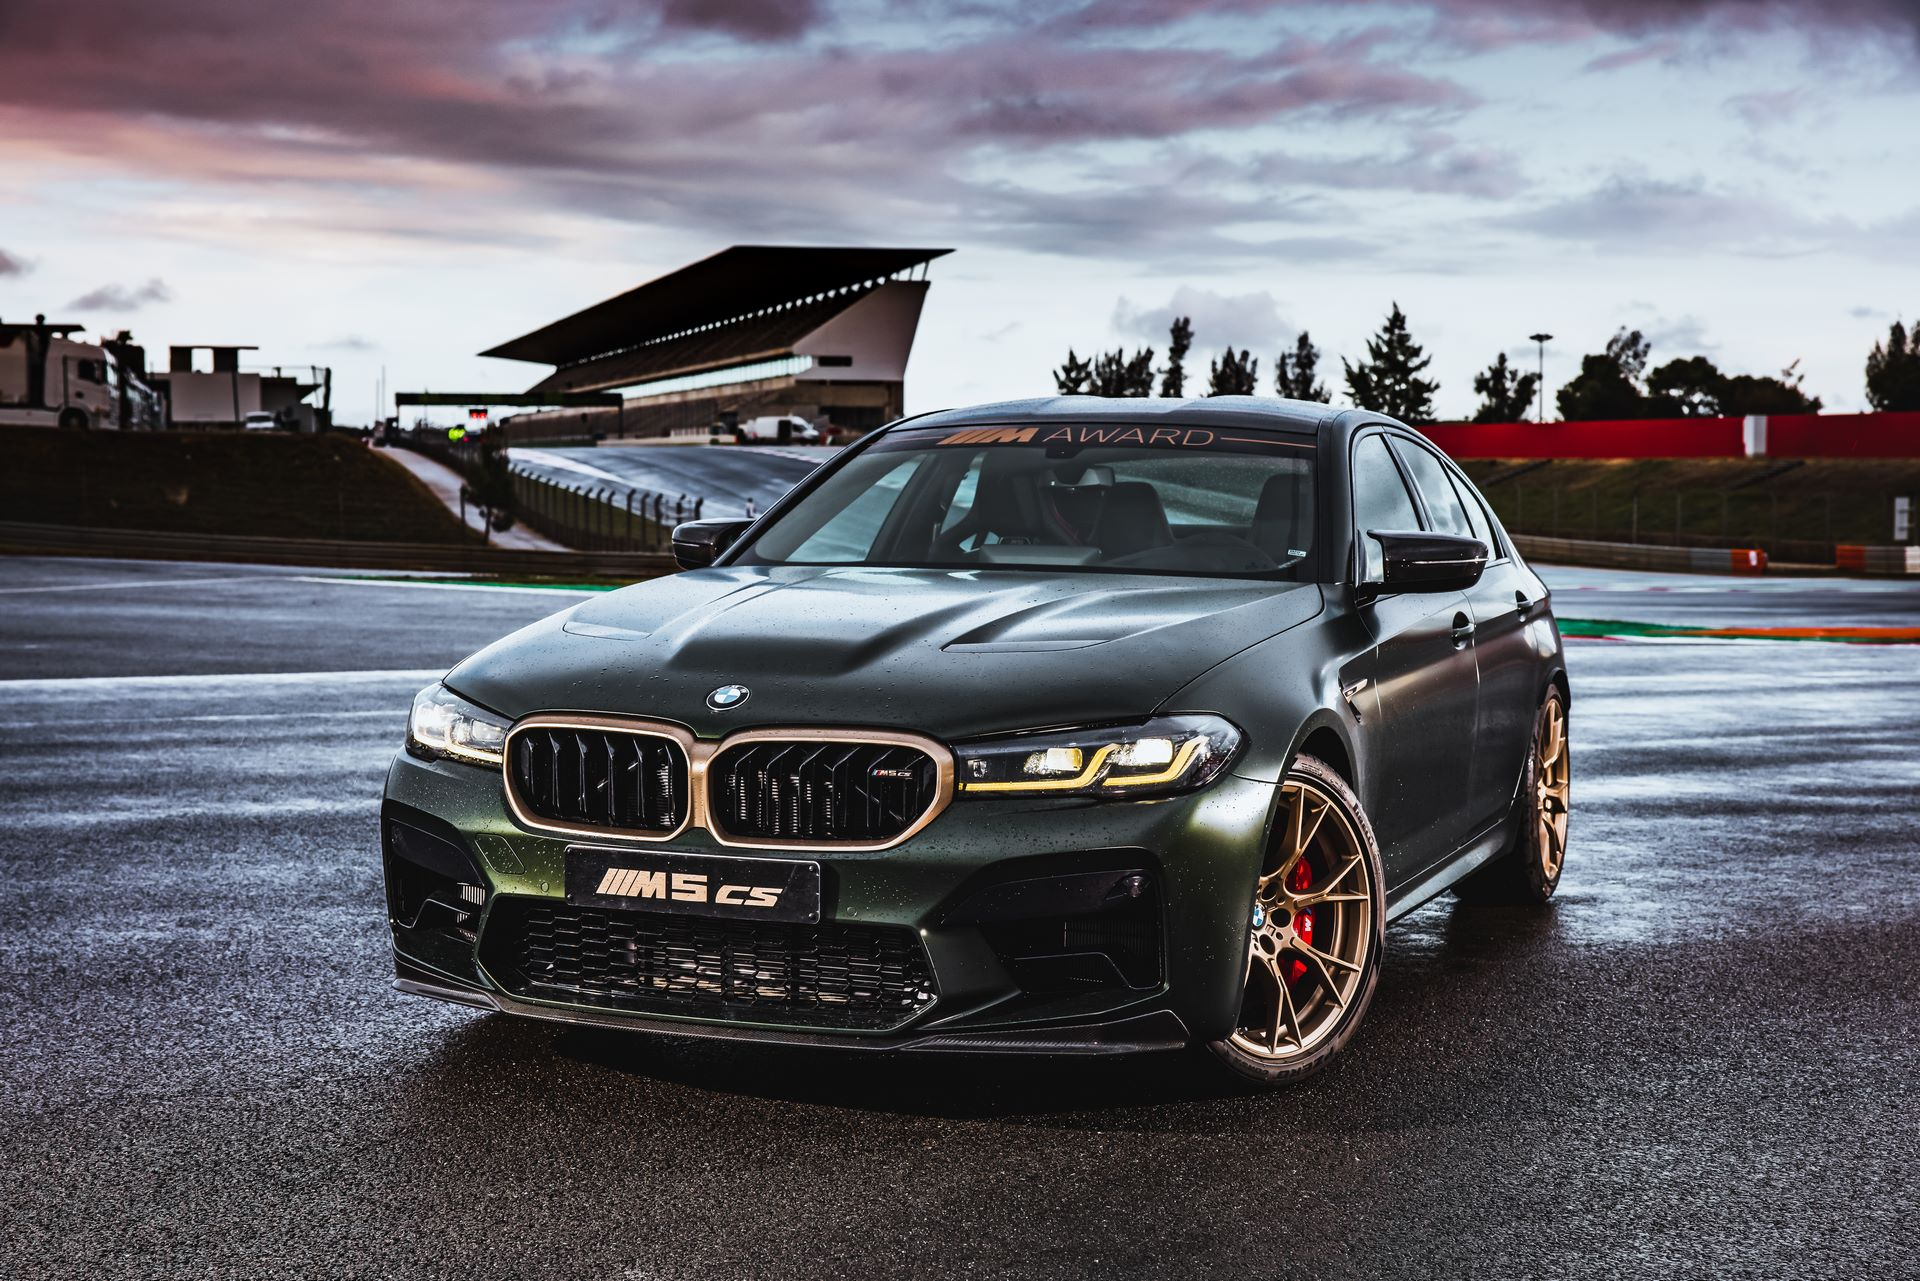 BMW-M5-CS-Moto-GP-13